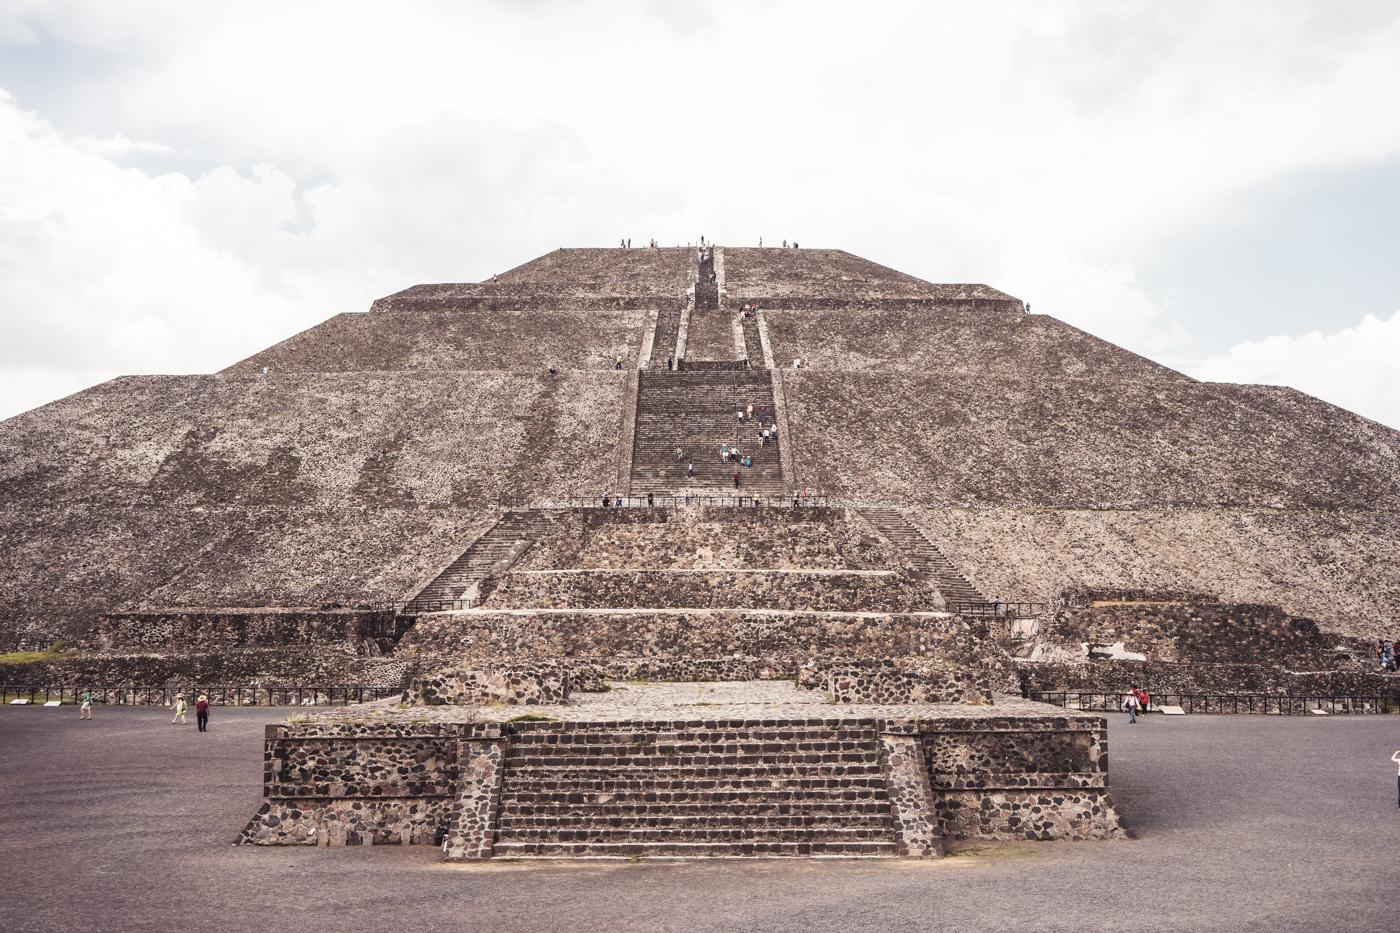 Pyramid of the Sun, Zona Arachaeológica de Teotihuacán